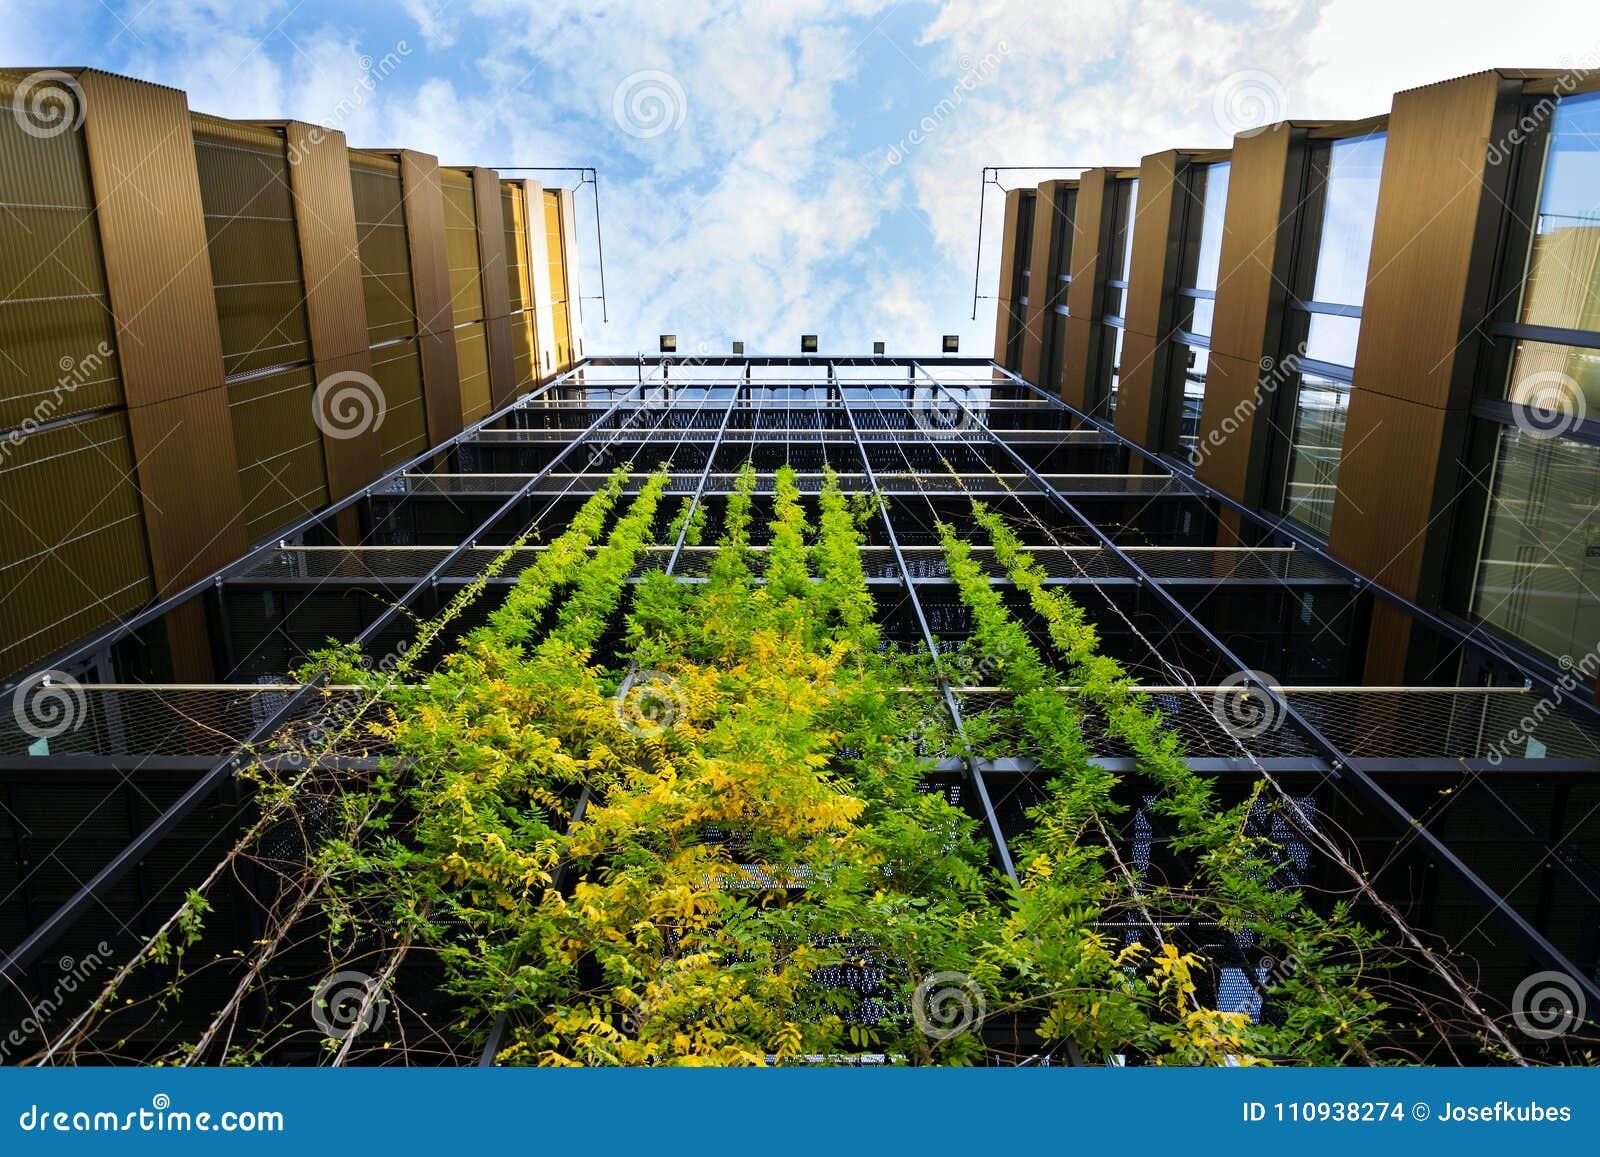 Piante Per Giardini Moderni parete vivente verde all'aperto, giardino verticale sull